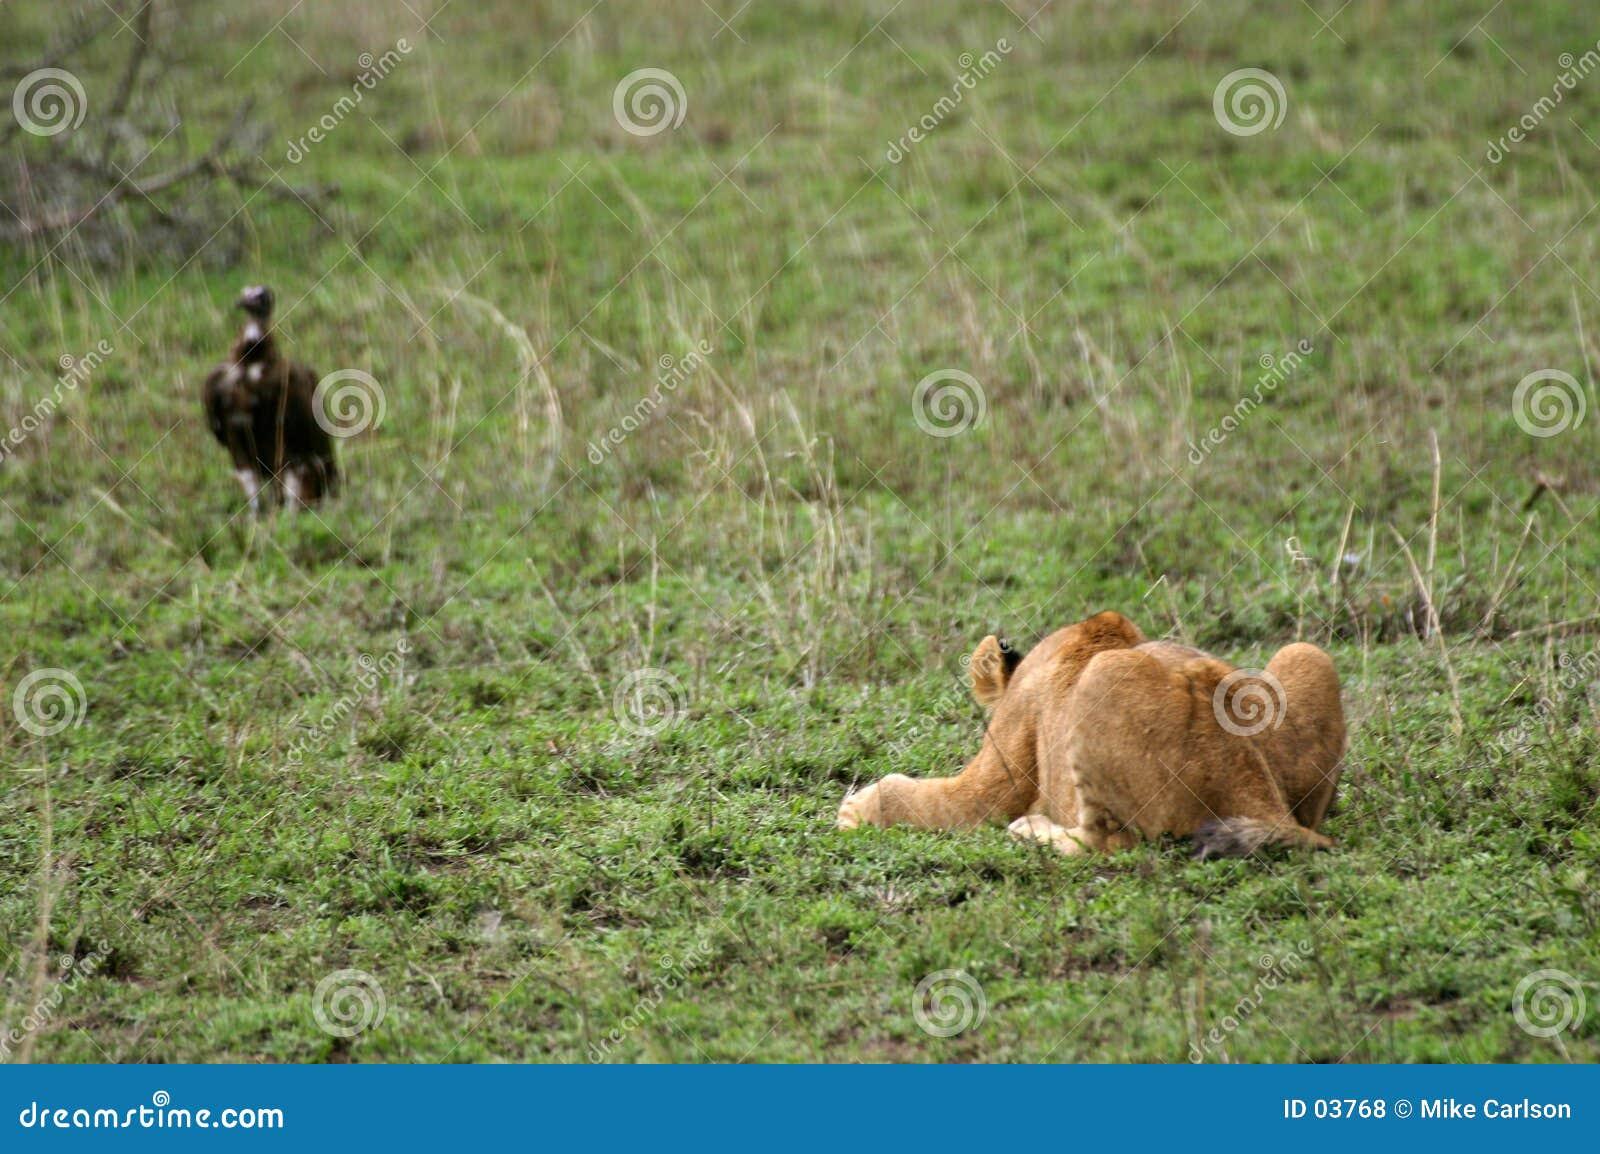 Löwe Cub stürzen sich Praxis